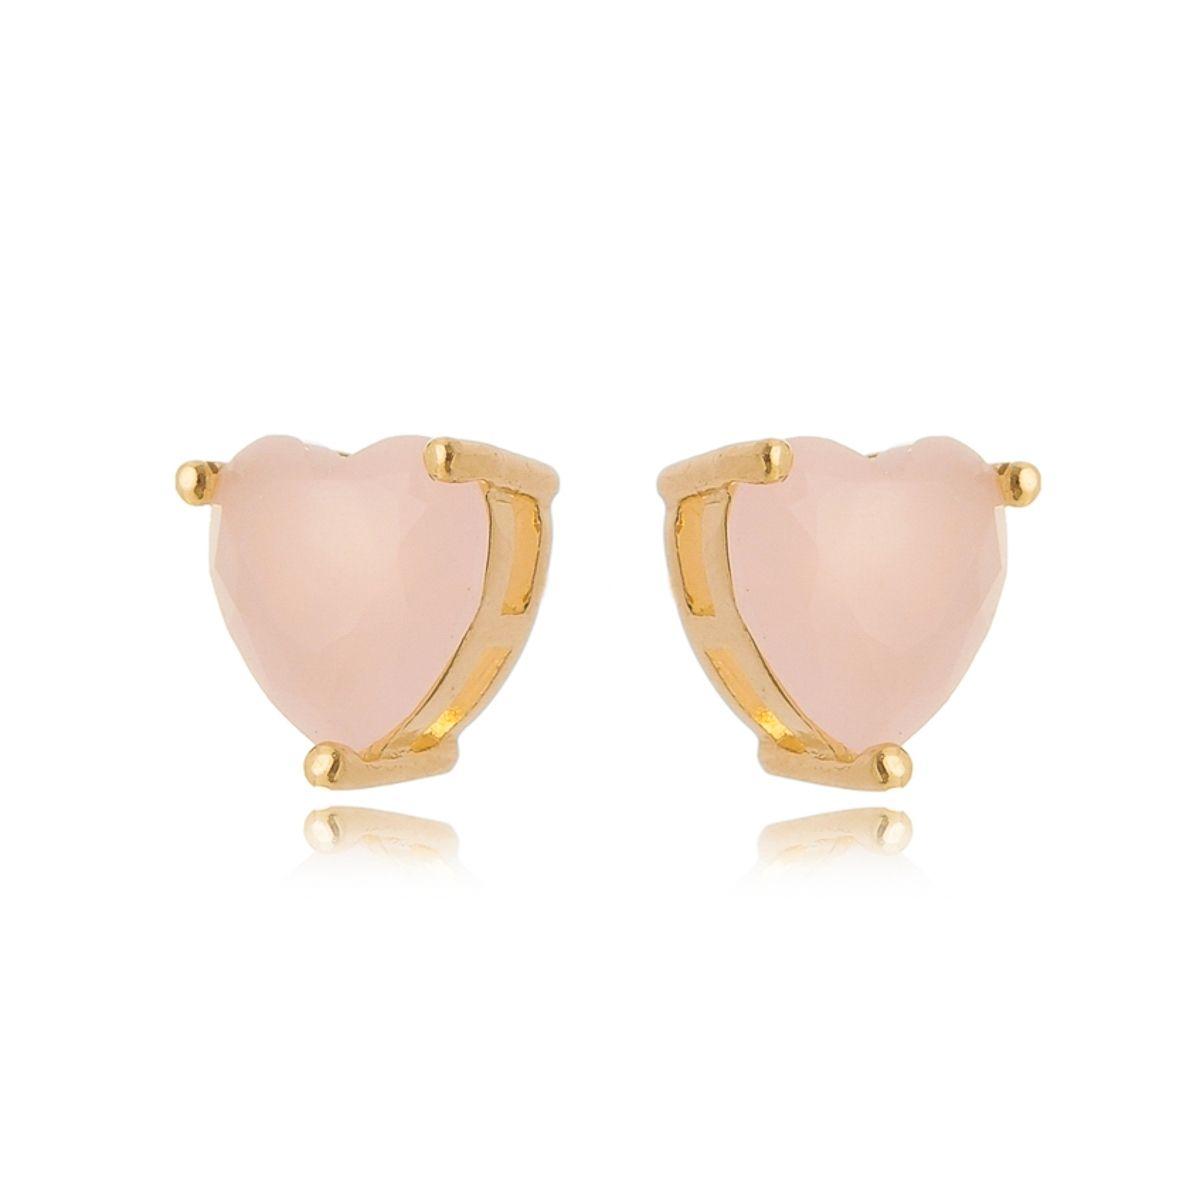 Brinco Coração Pequeno Rosa Semijoia em Ouro 18K  - Soloyou